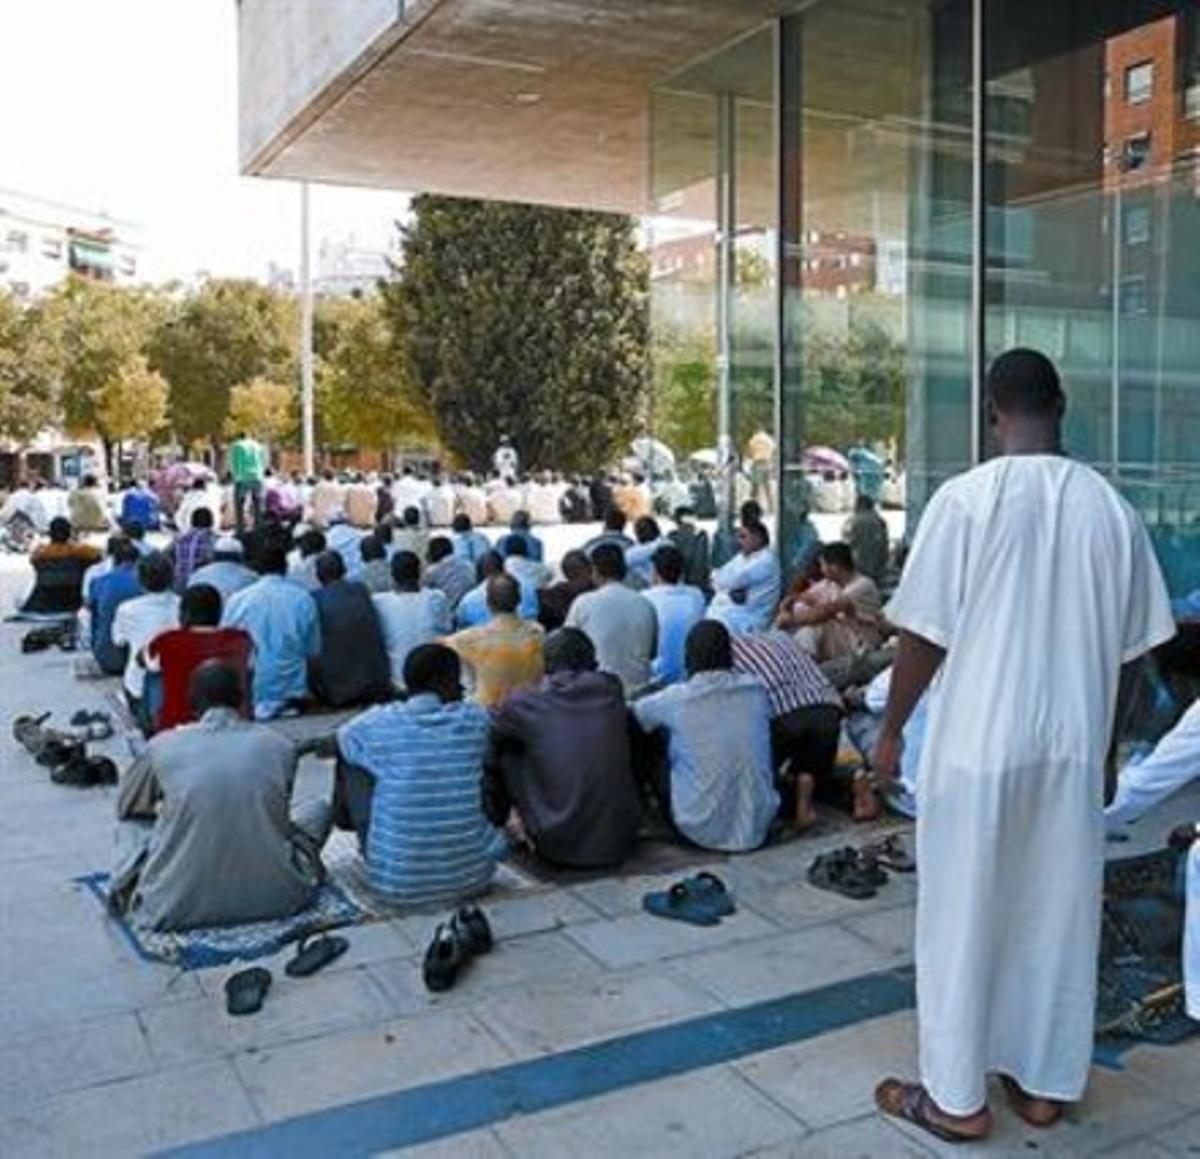 Miembros de la comunidad musulmana de Al Huda rezan ante el Ayuntamiento de Mollet, ayer por la tarde.